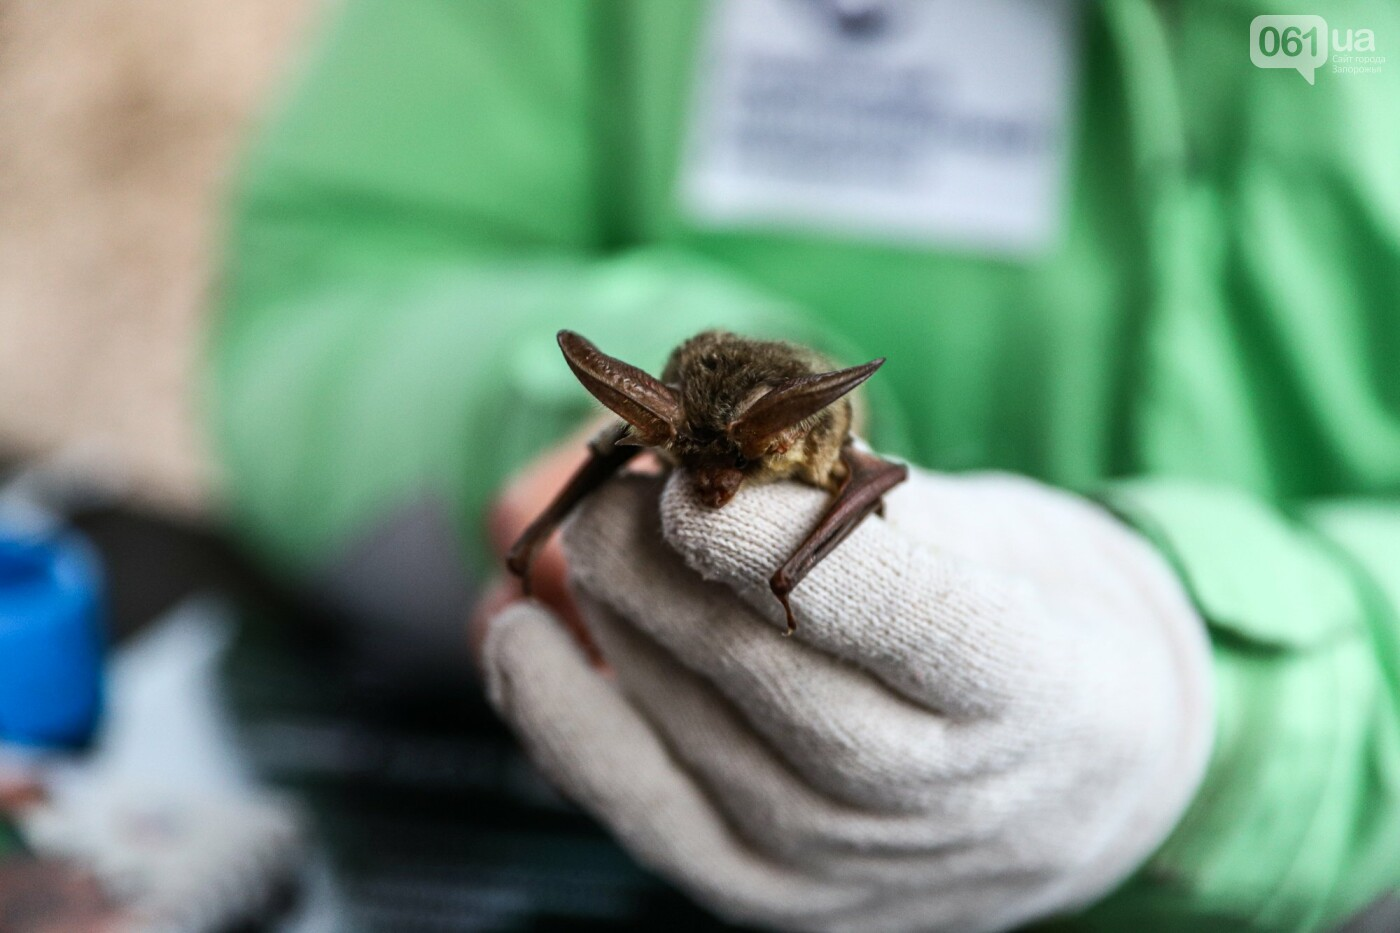 На Хортице выпустили более 700 летучих мышей, спасенных волонтерами, - ФОТОРЕПОРТАЖ, фото-2